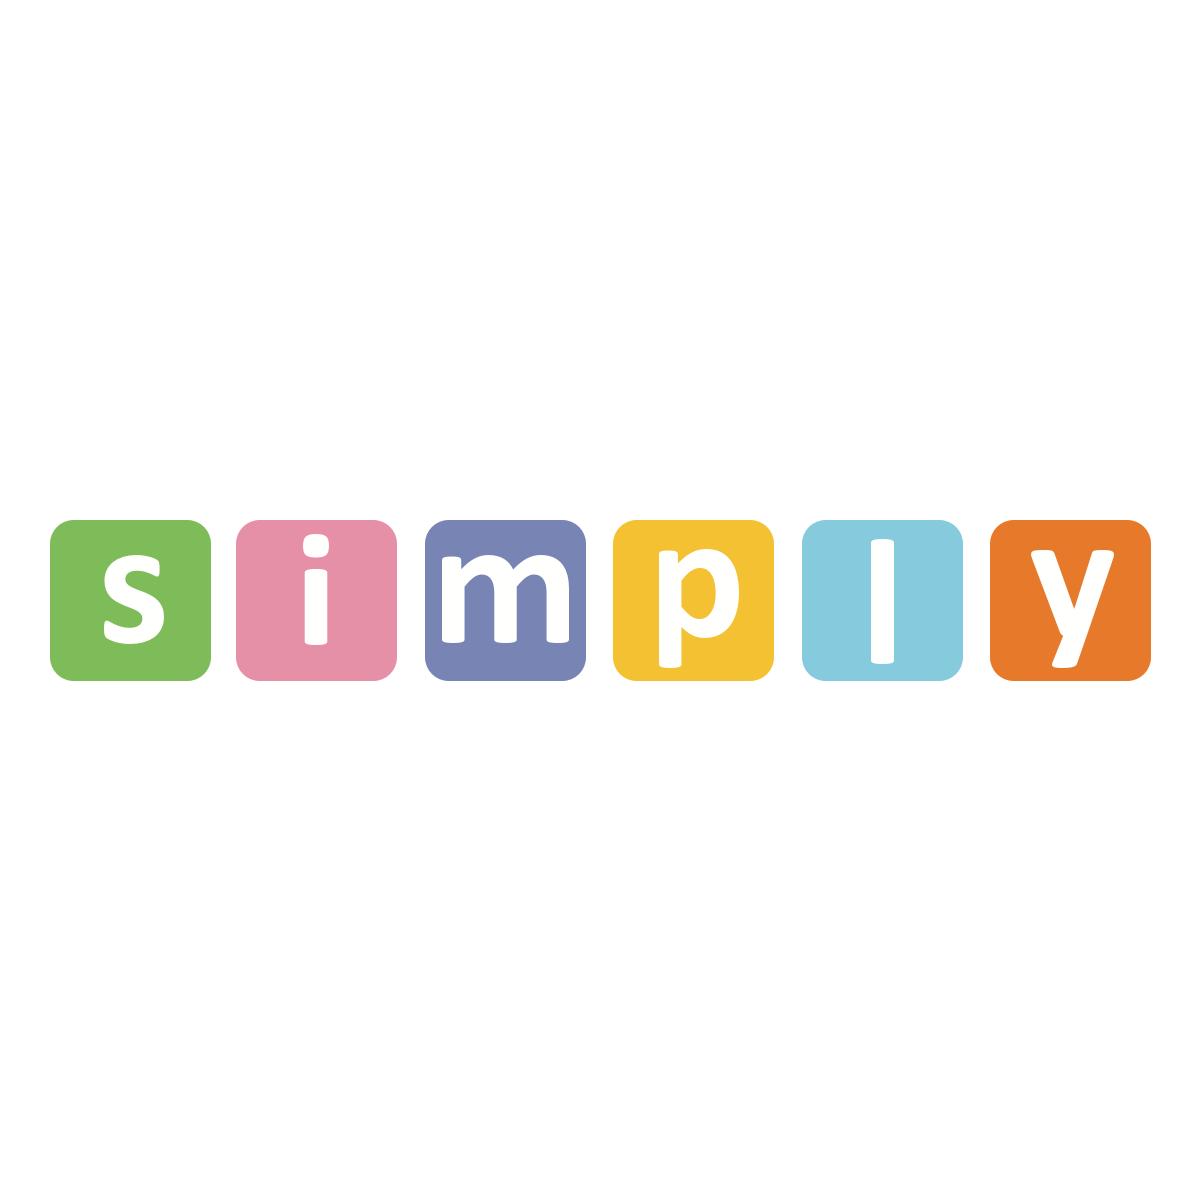 Simply Technologies-ը 10 միլիոն ՀՀ դրամ է փոխանցում Արցախի ֆինանսների նախարարությանը